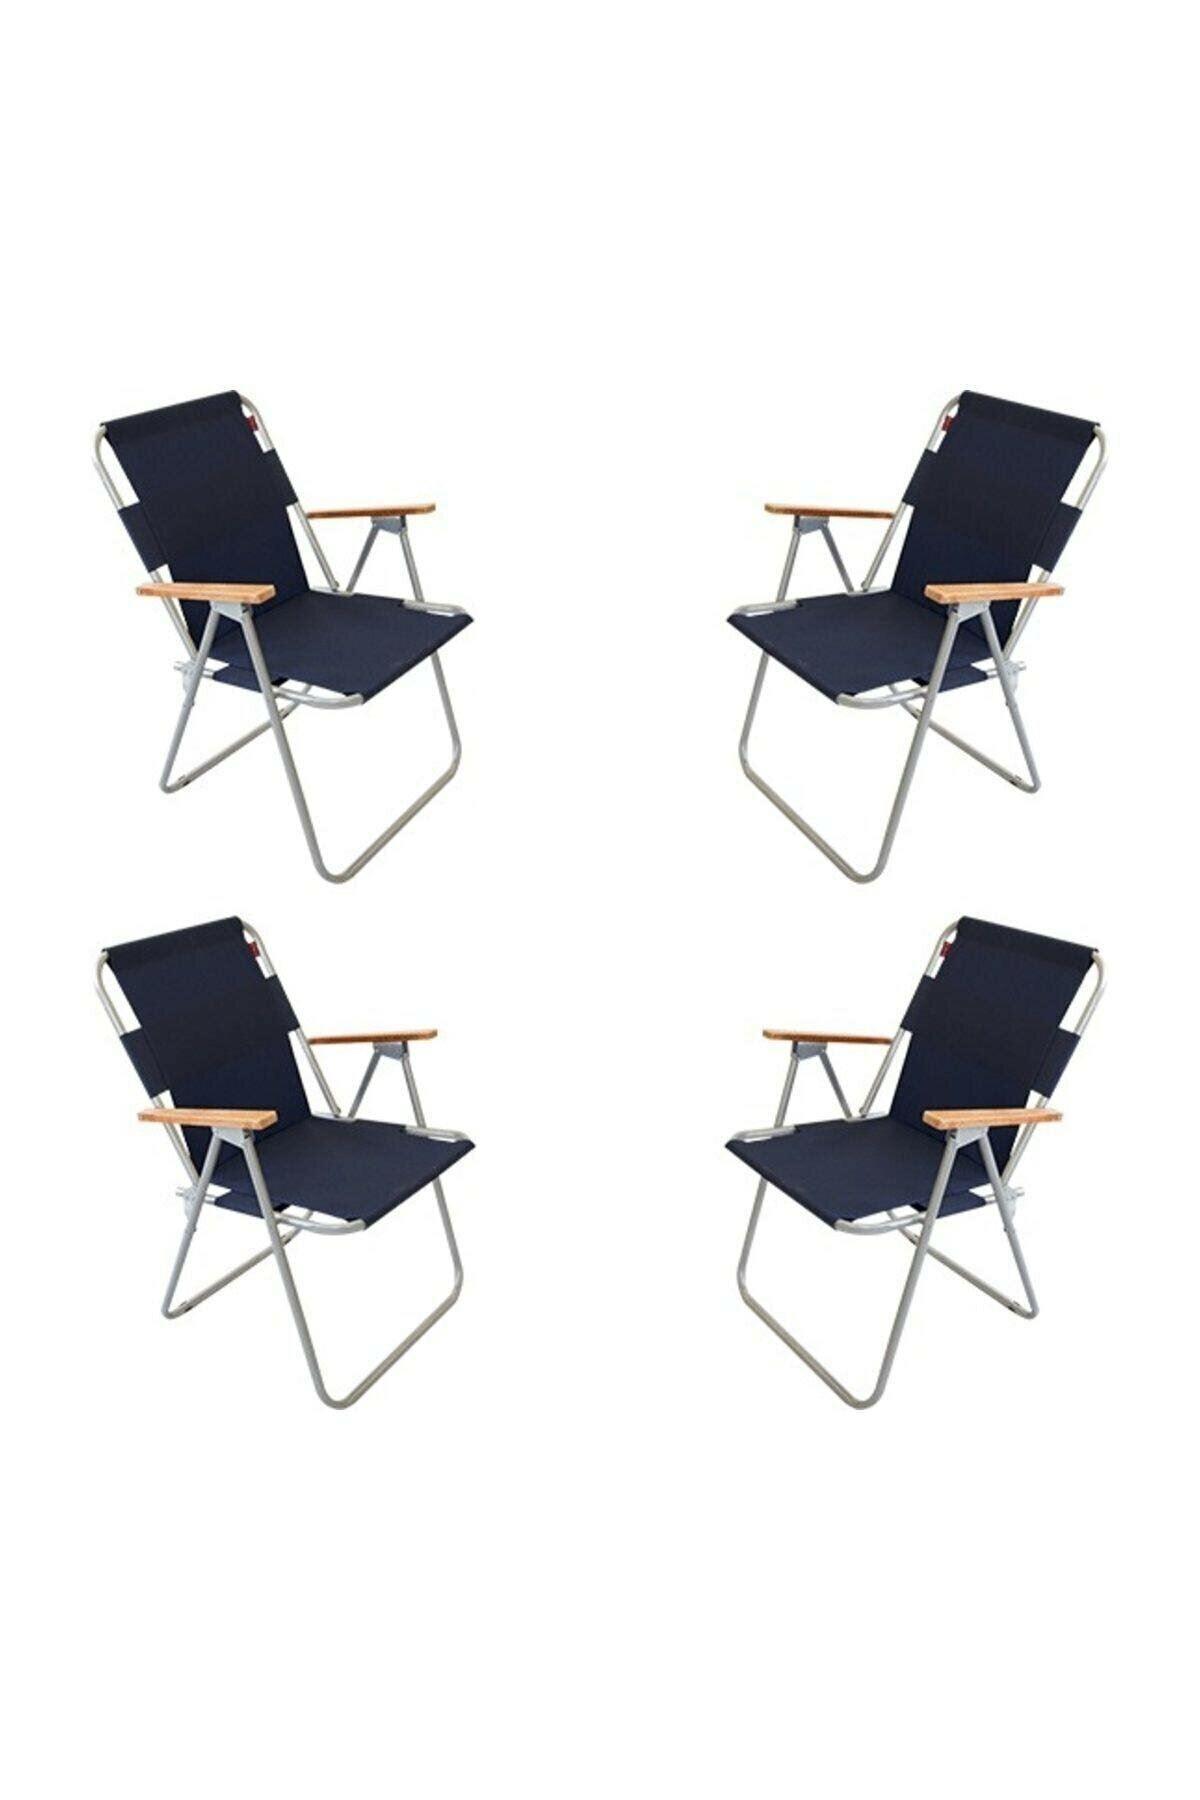 Bofigo 60x80 Çam Katlanır Masa + 4 Adet Katlanır Sandalye Kamp Seti Bahçe Balkon Takımı Lacivert